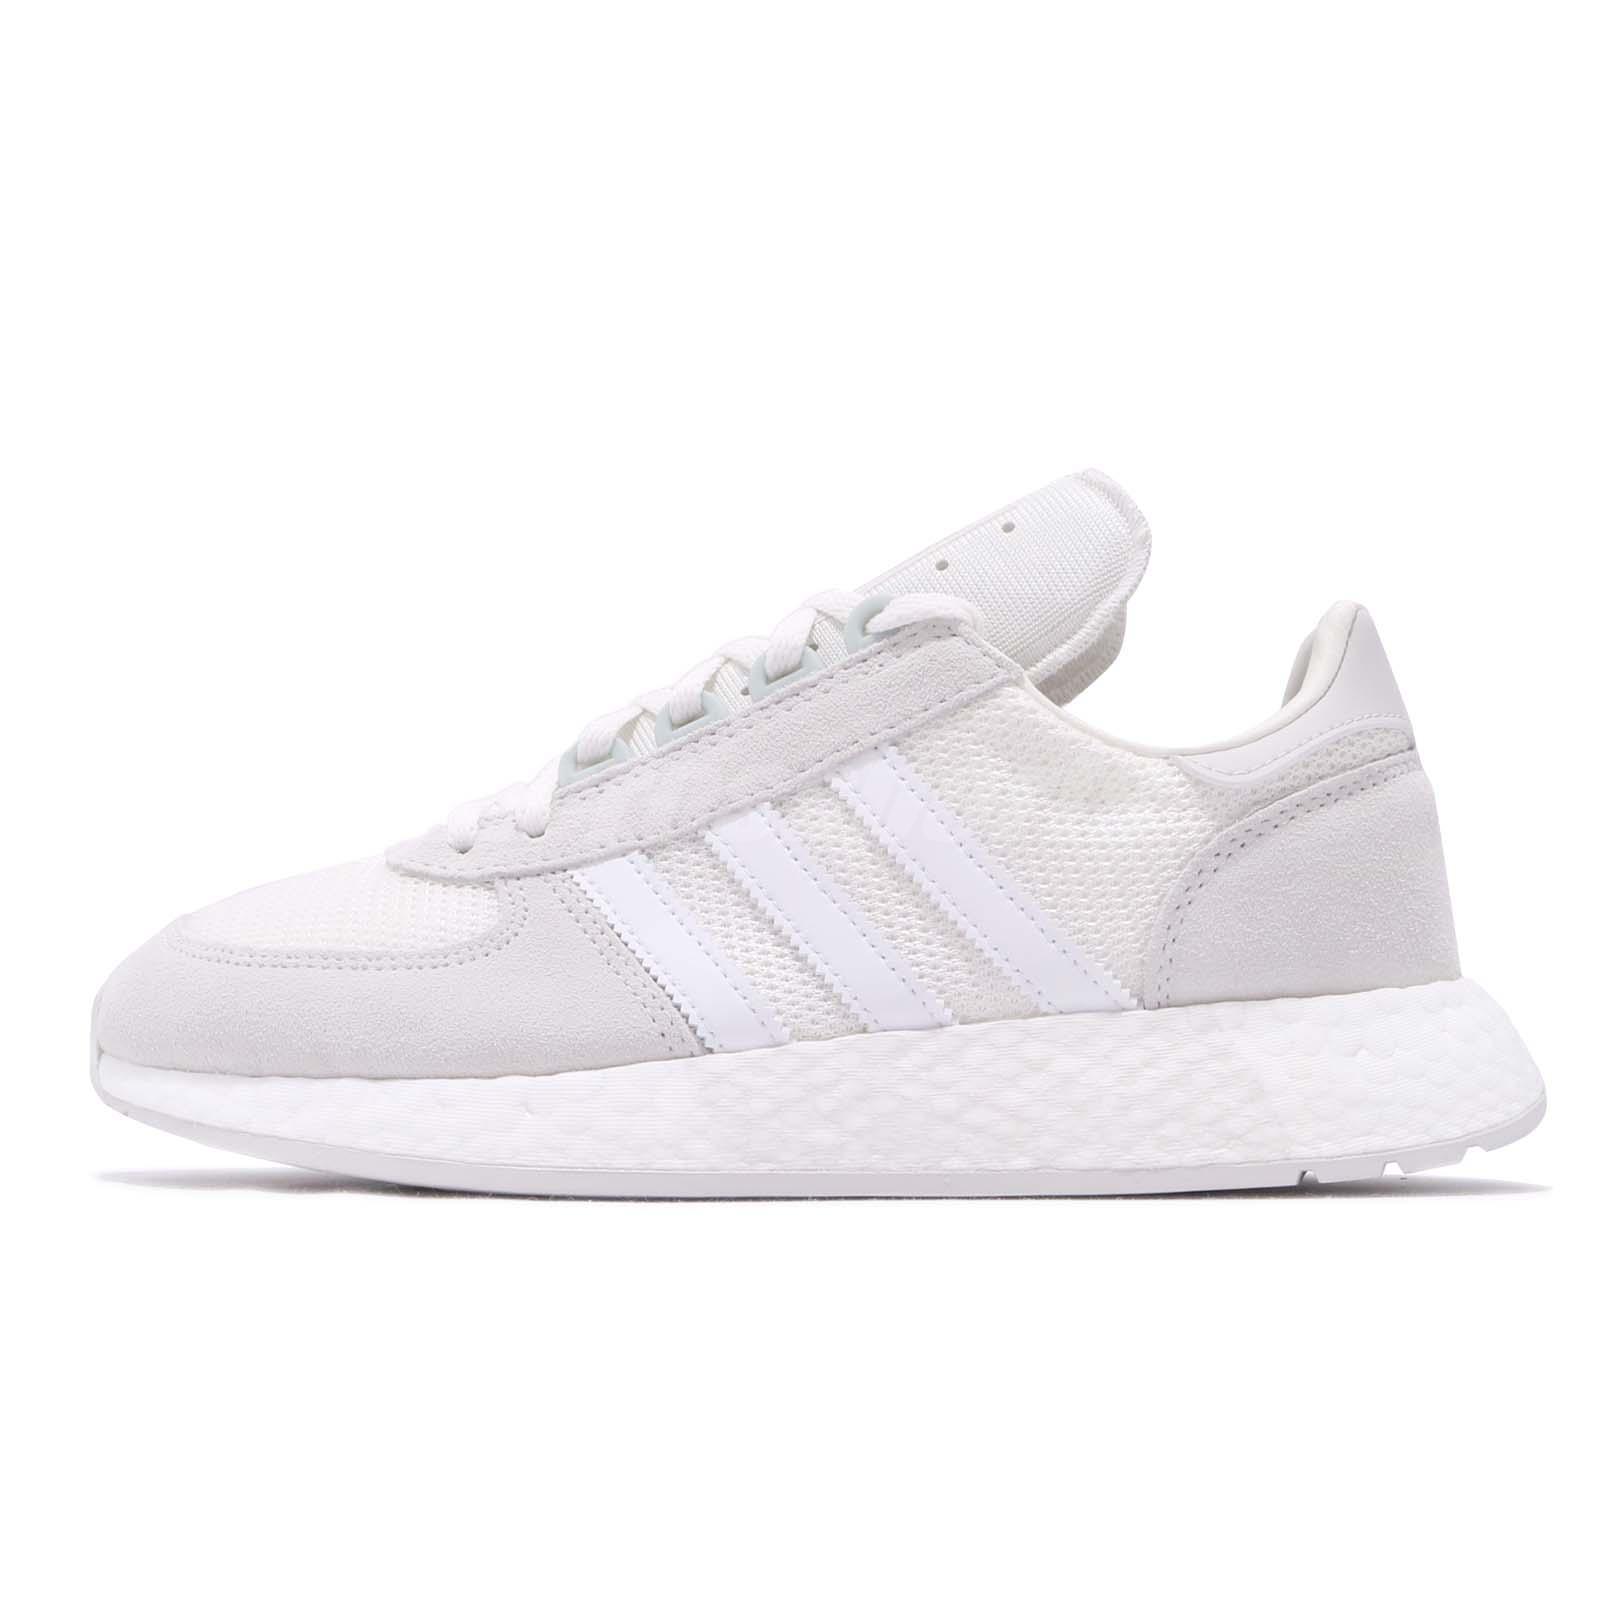 official photos 05b49 72c01 adidas Originals Marathon X 5923 Never Made Pack White Grey Men Shoes G27860